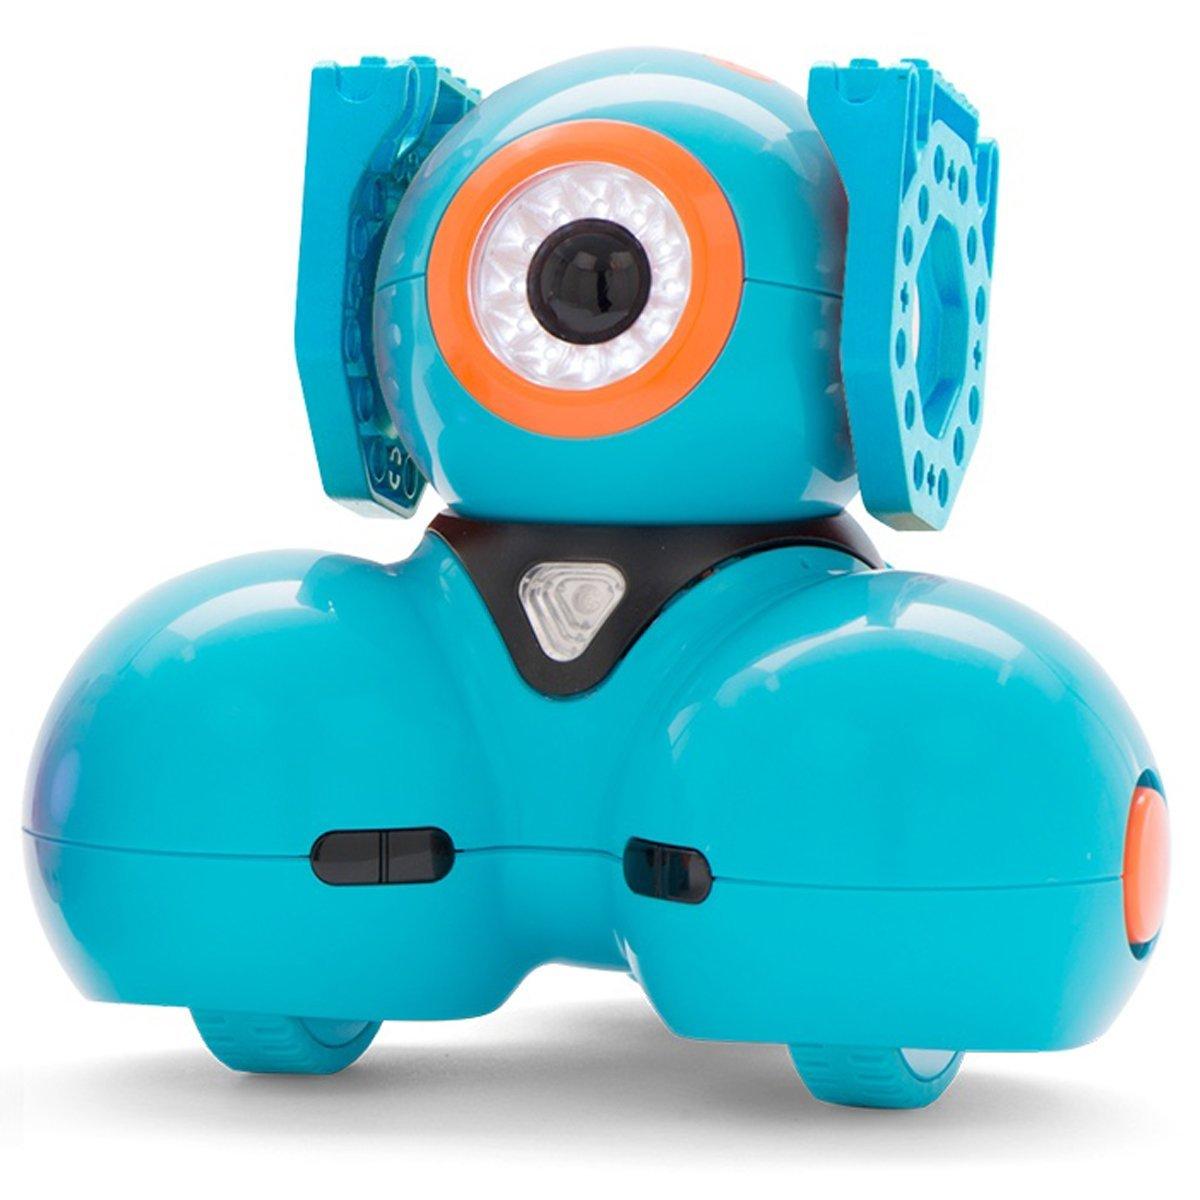 Amazonで買えるプログラミングロボット8選!